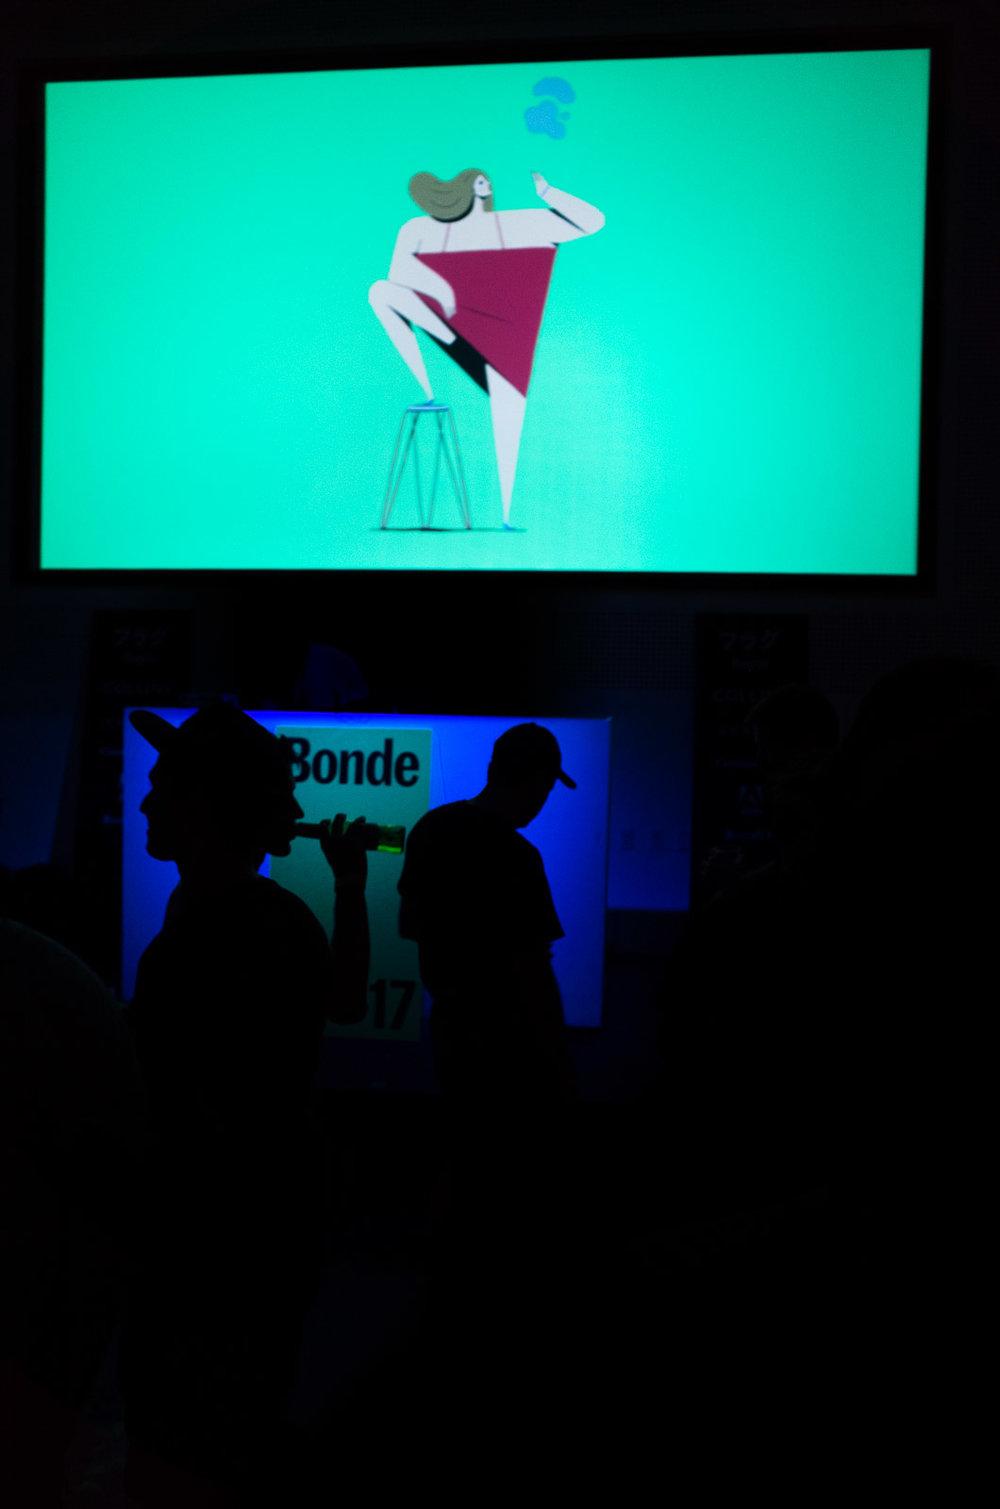 Events_FernandoVillela-11.jpg